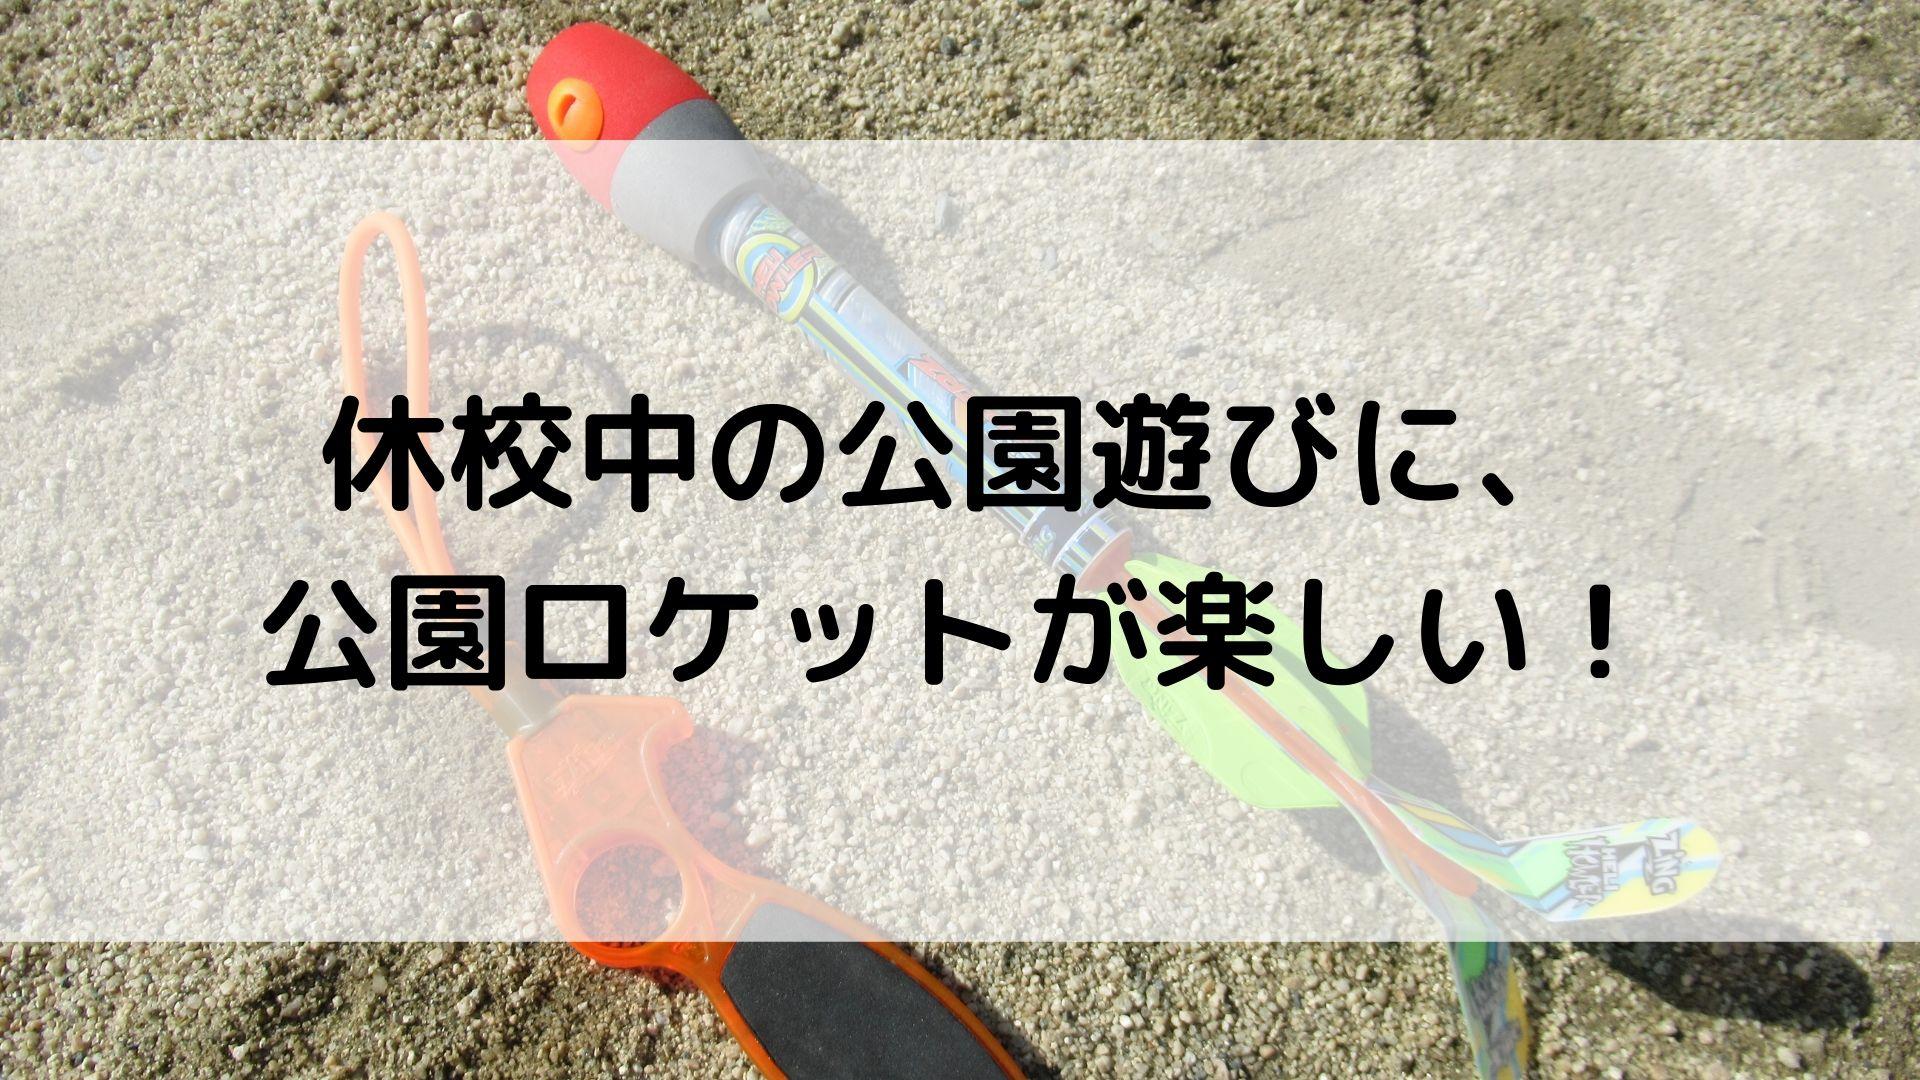 公園ロケット